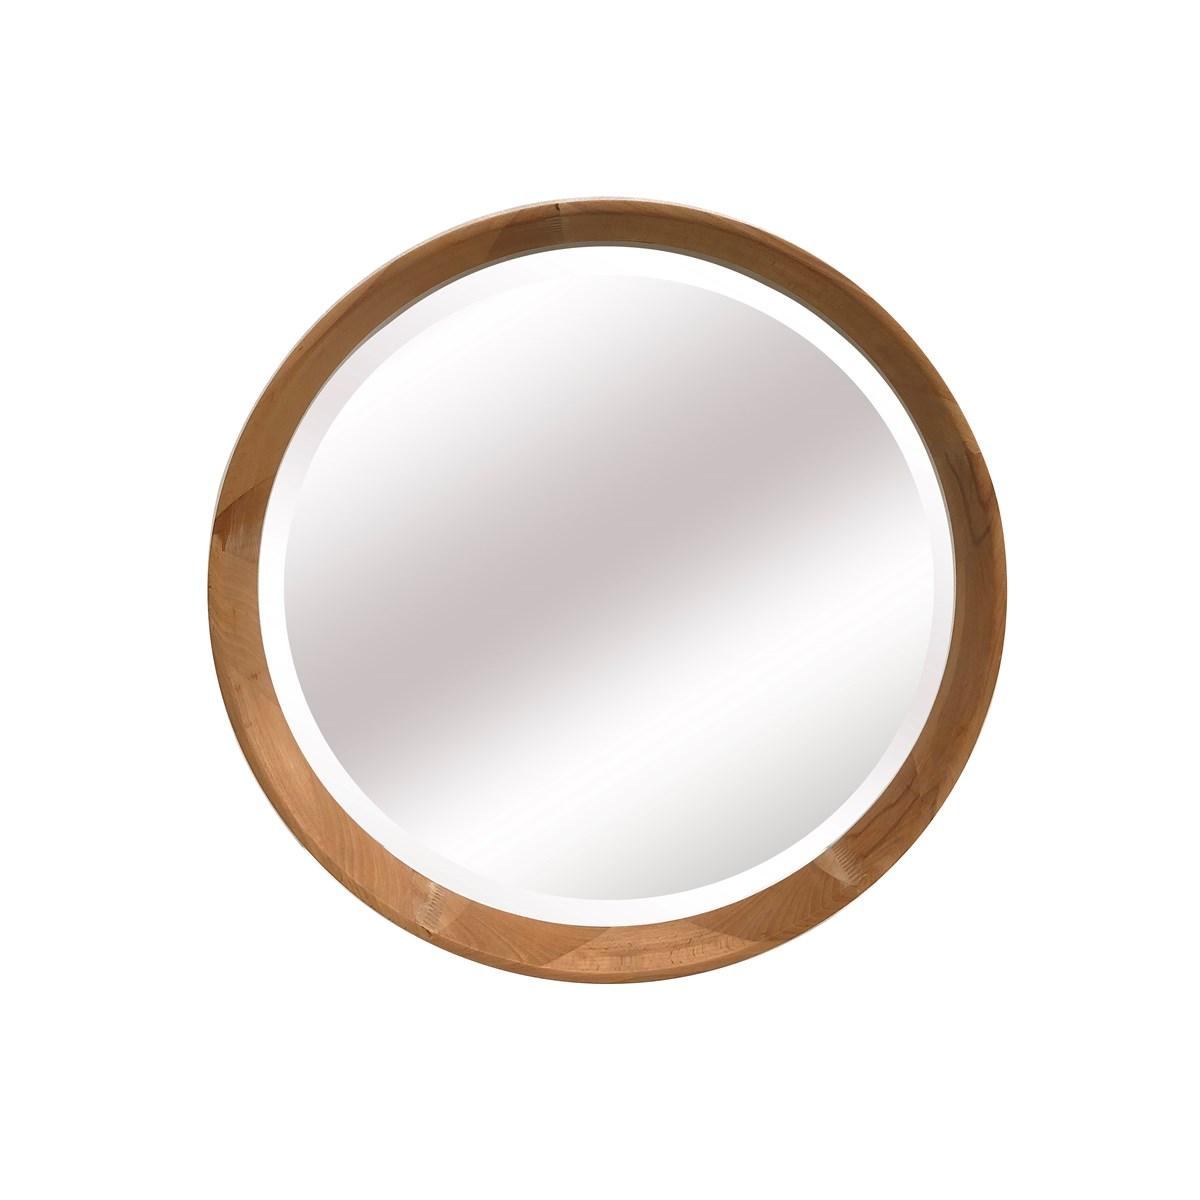 Miroir bois rond biseaute en Bois Marron